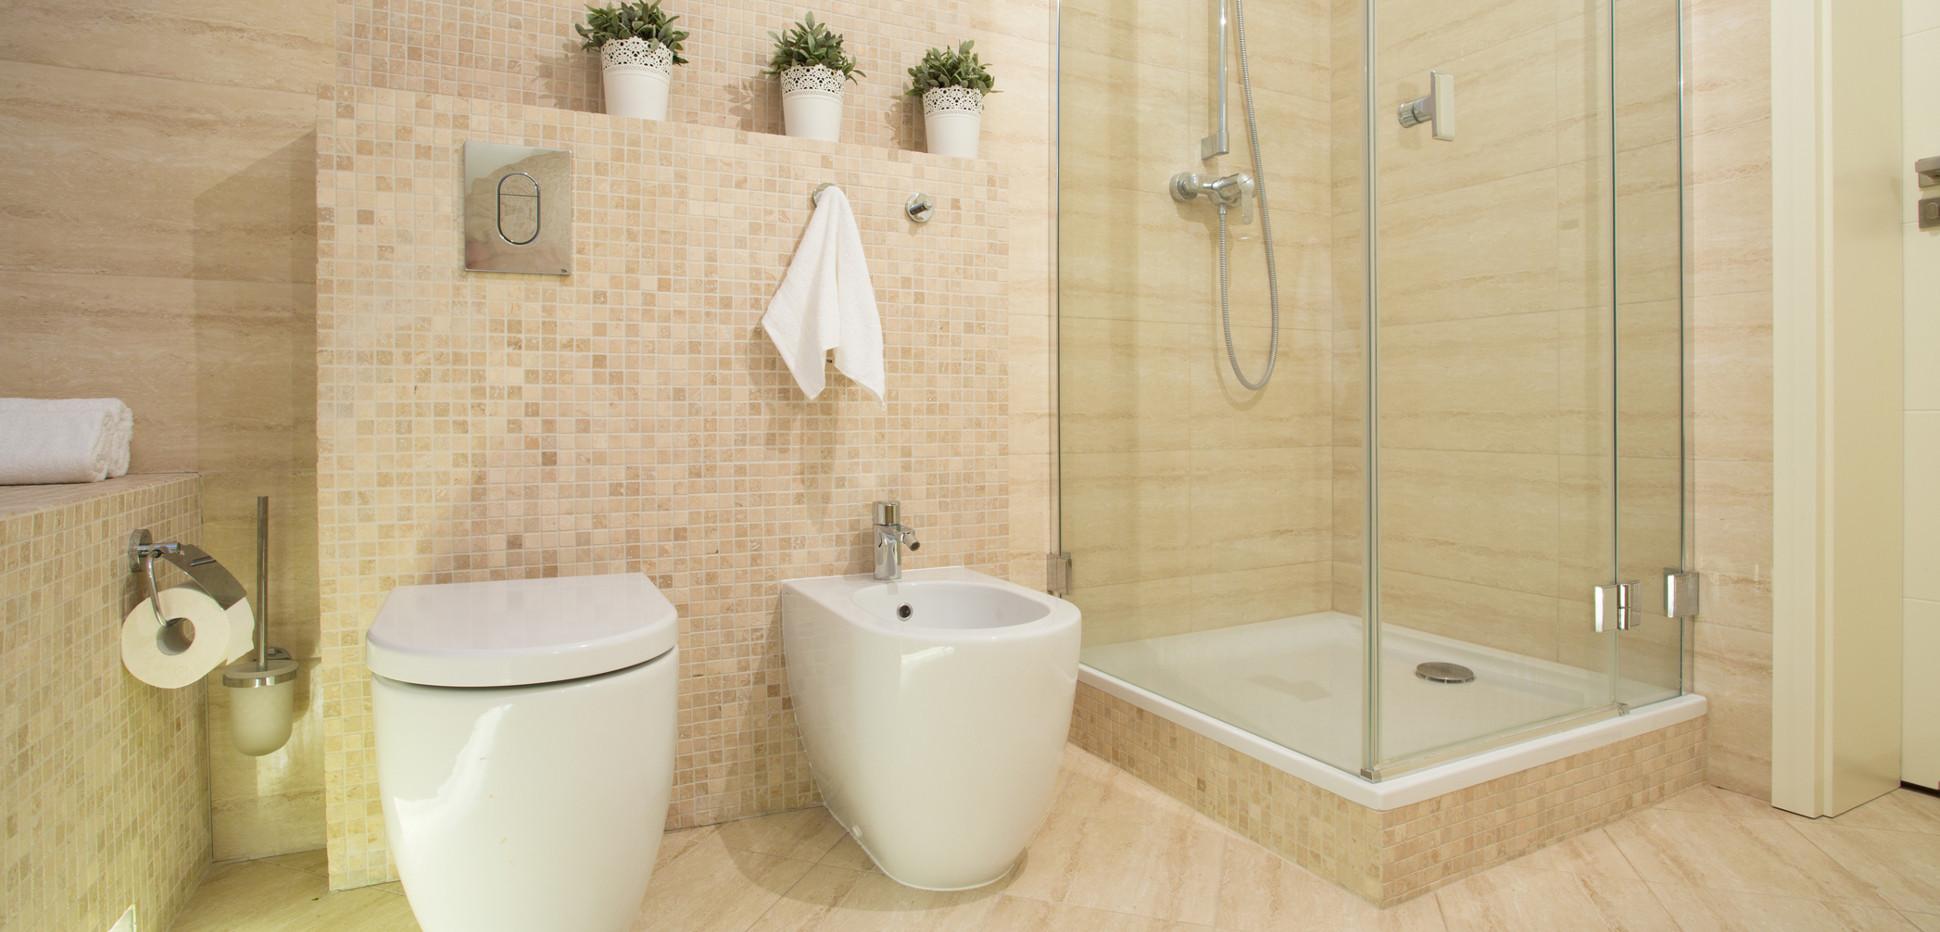 Dusche Reinigen  Dusche reinigen So kriegen Sie Glaskabine sauber hg